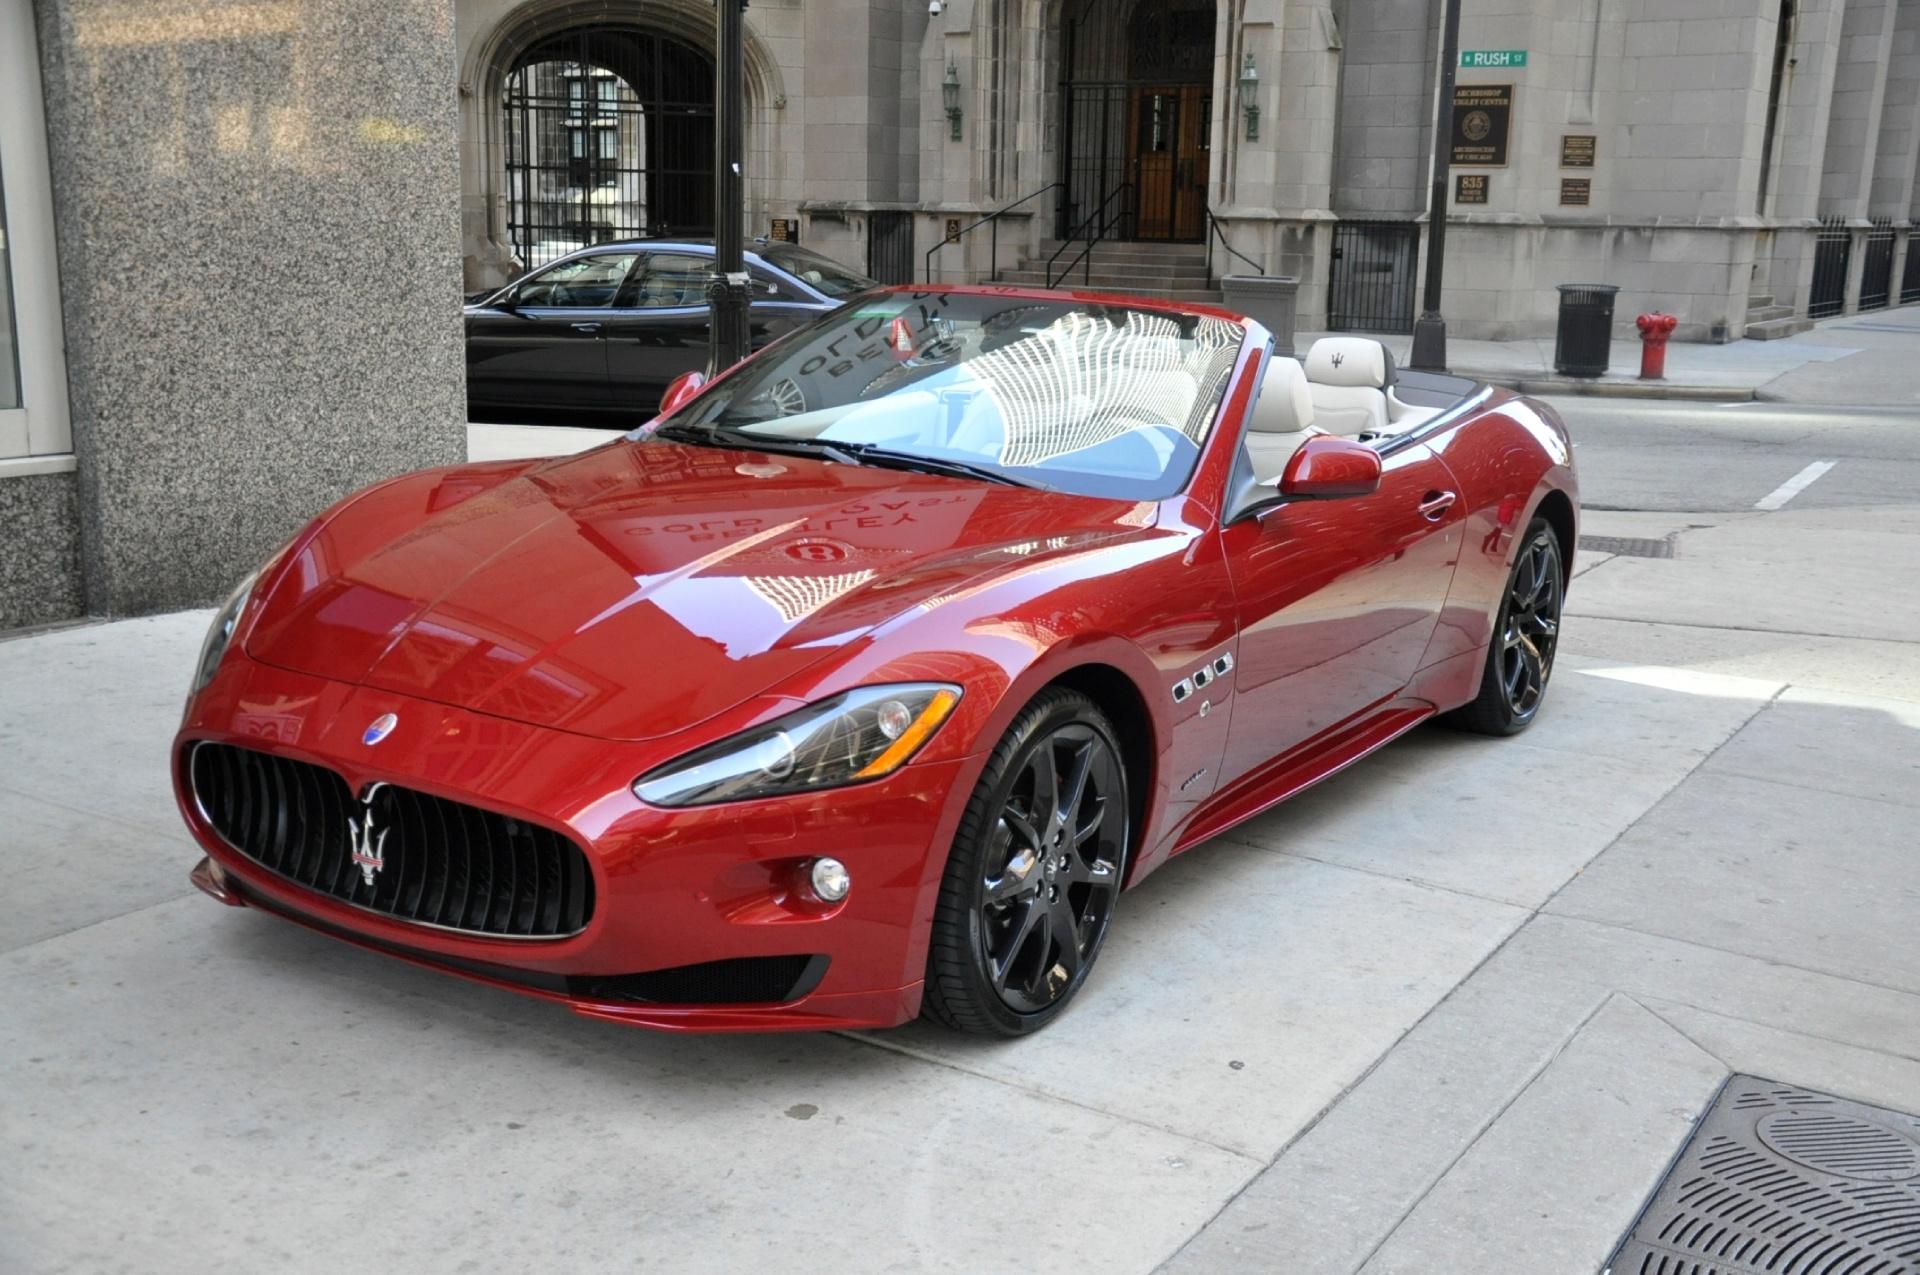 Image result for Maserati GranTurismo Convertible Sport